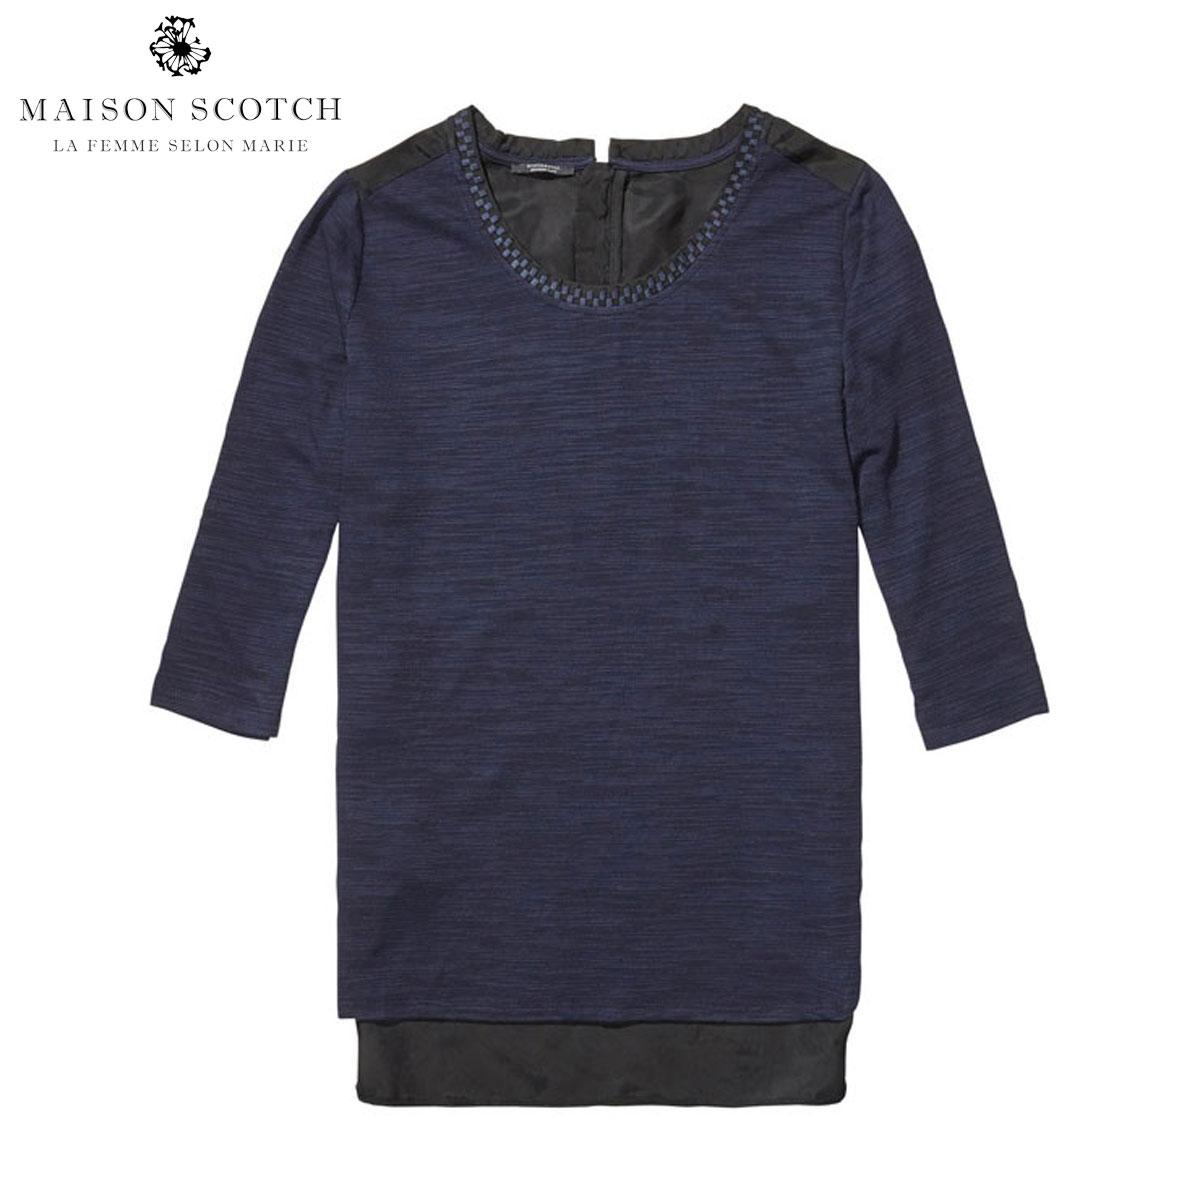 メゾンスコッチ MAISON SCOTCH 正規販売店 レディース 七分袖Tシャツ Feminine jersey top mixed with woven. 100220 C D00S20